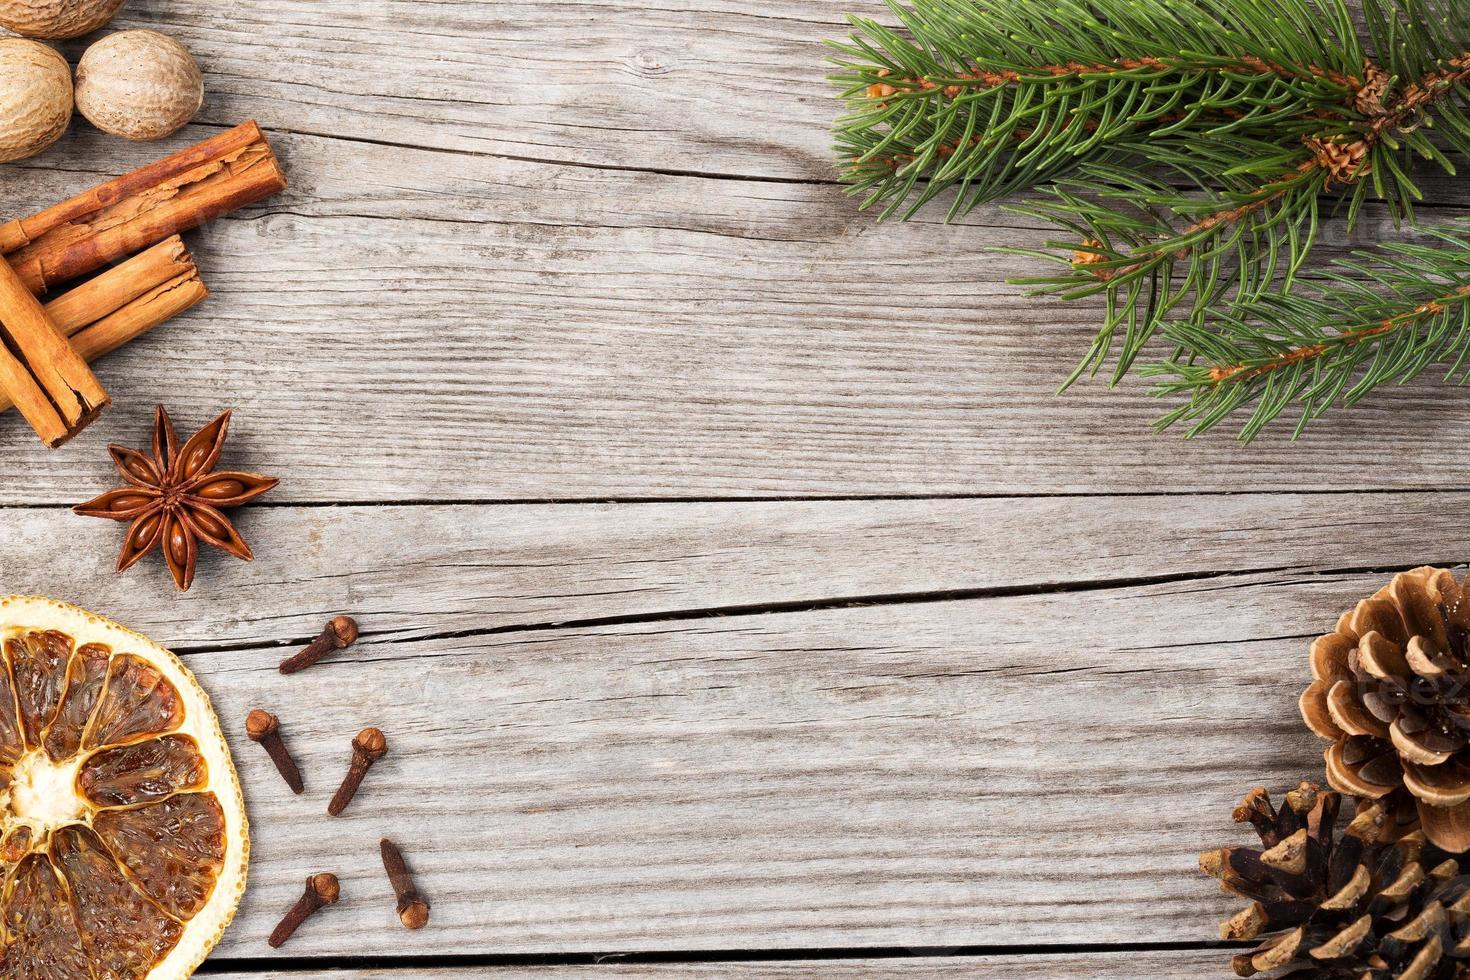 kruiden en spartak op houten achtergrond foto